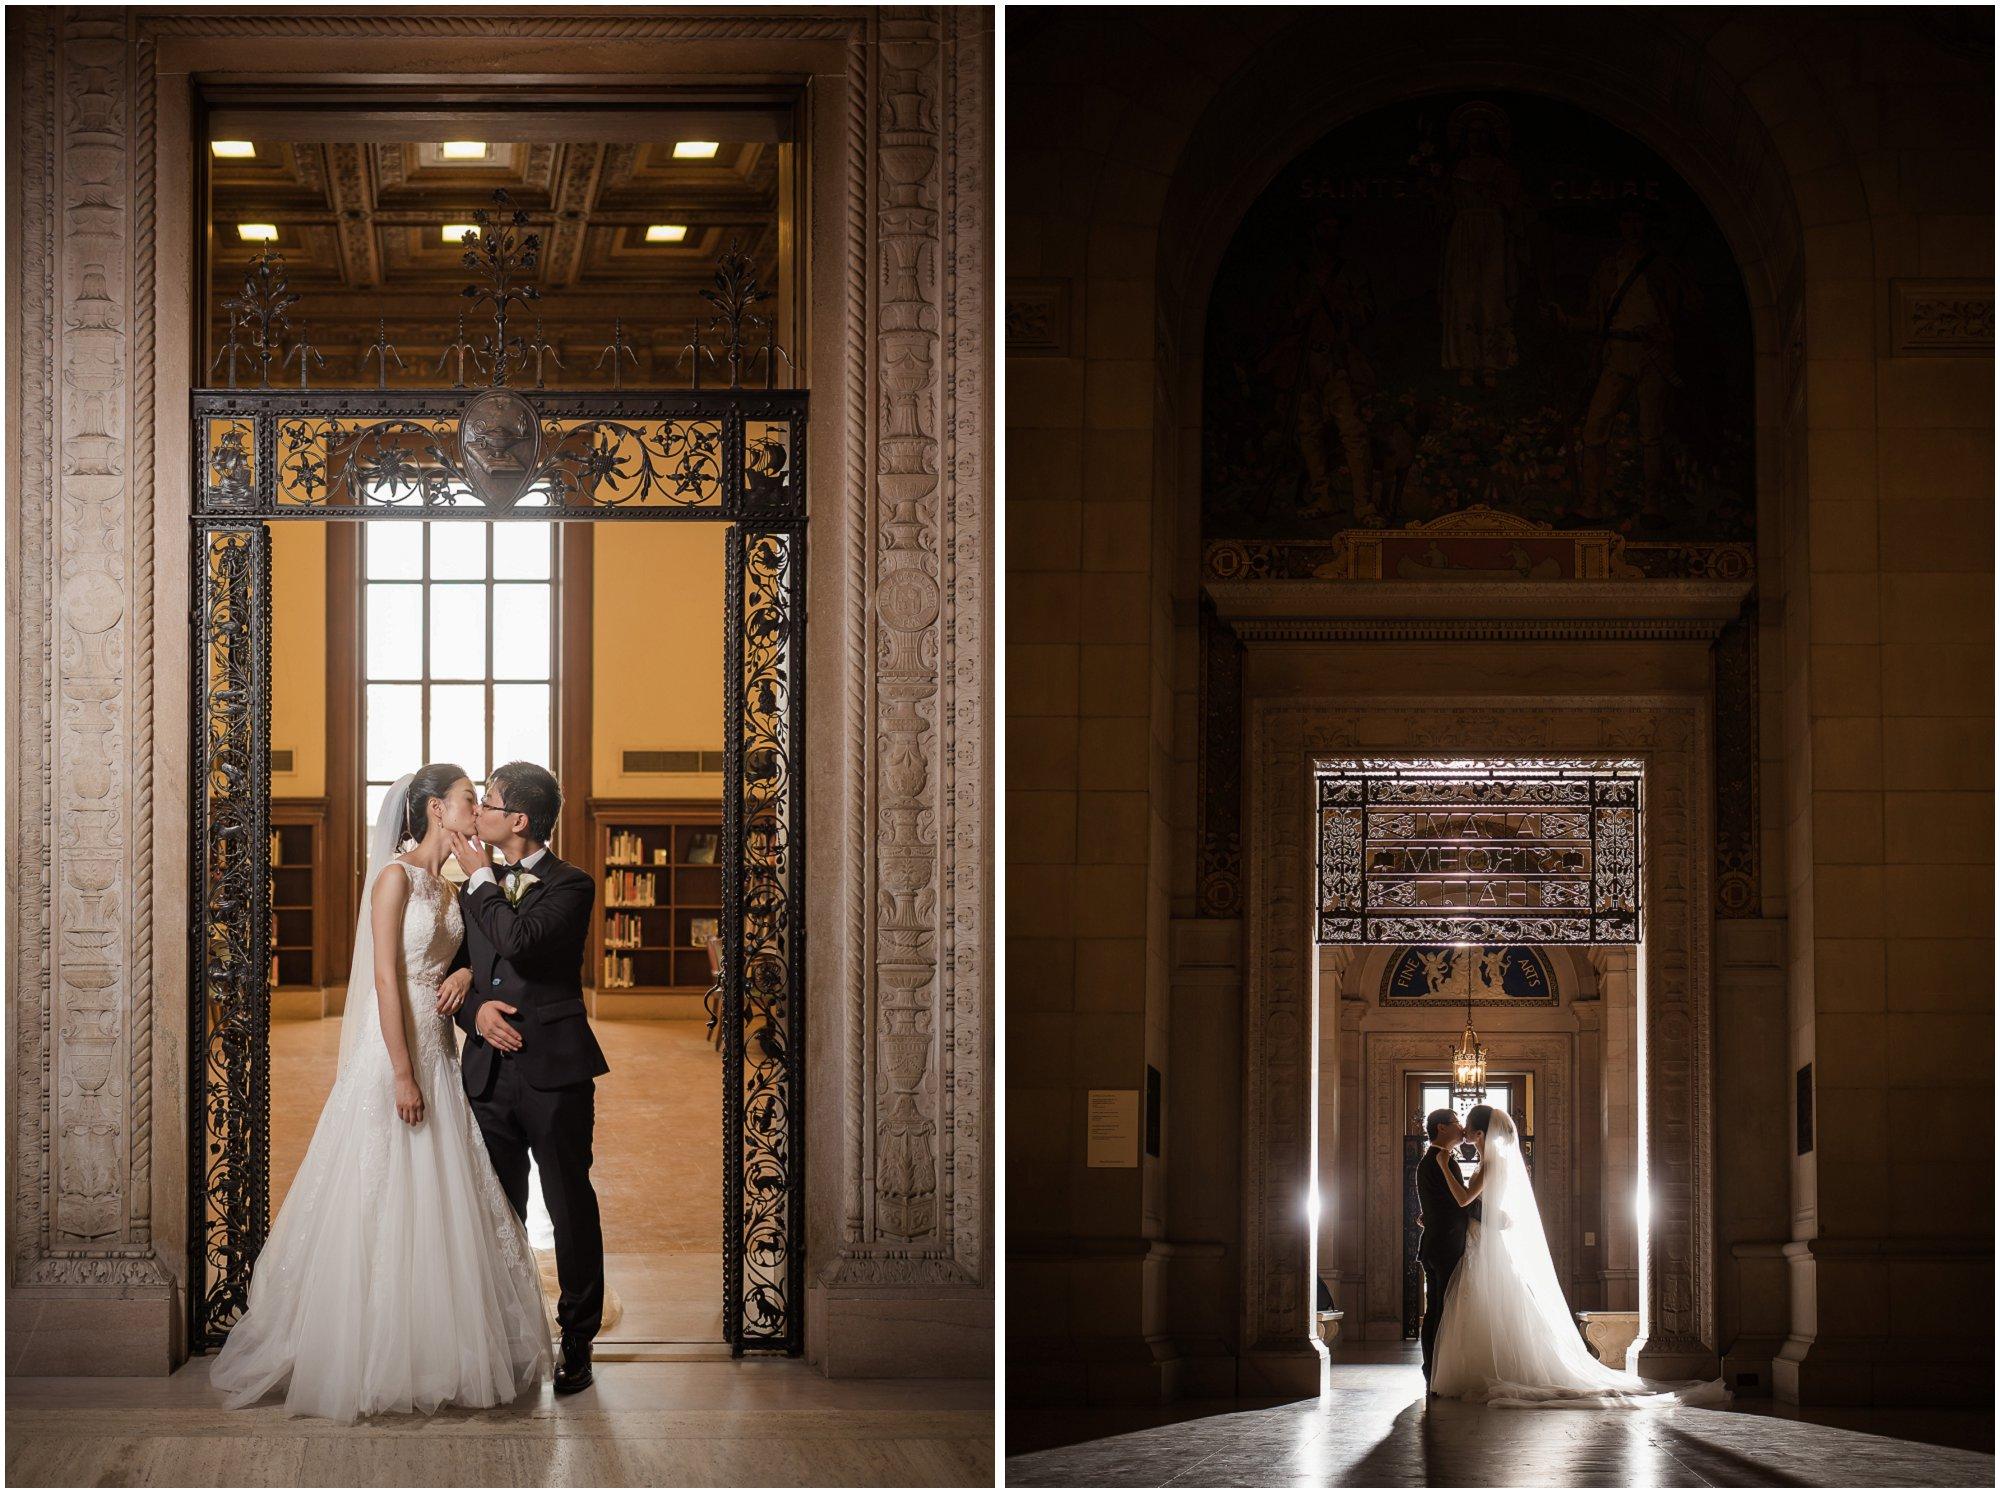 University-of-michigan-museum-of-art-wedding_1361.jpg